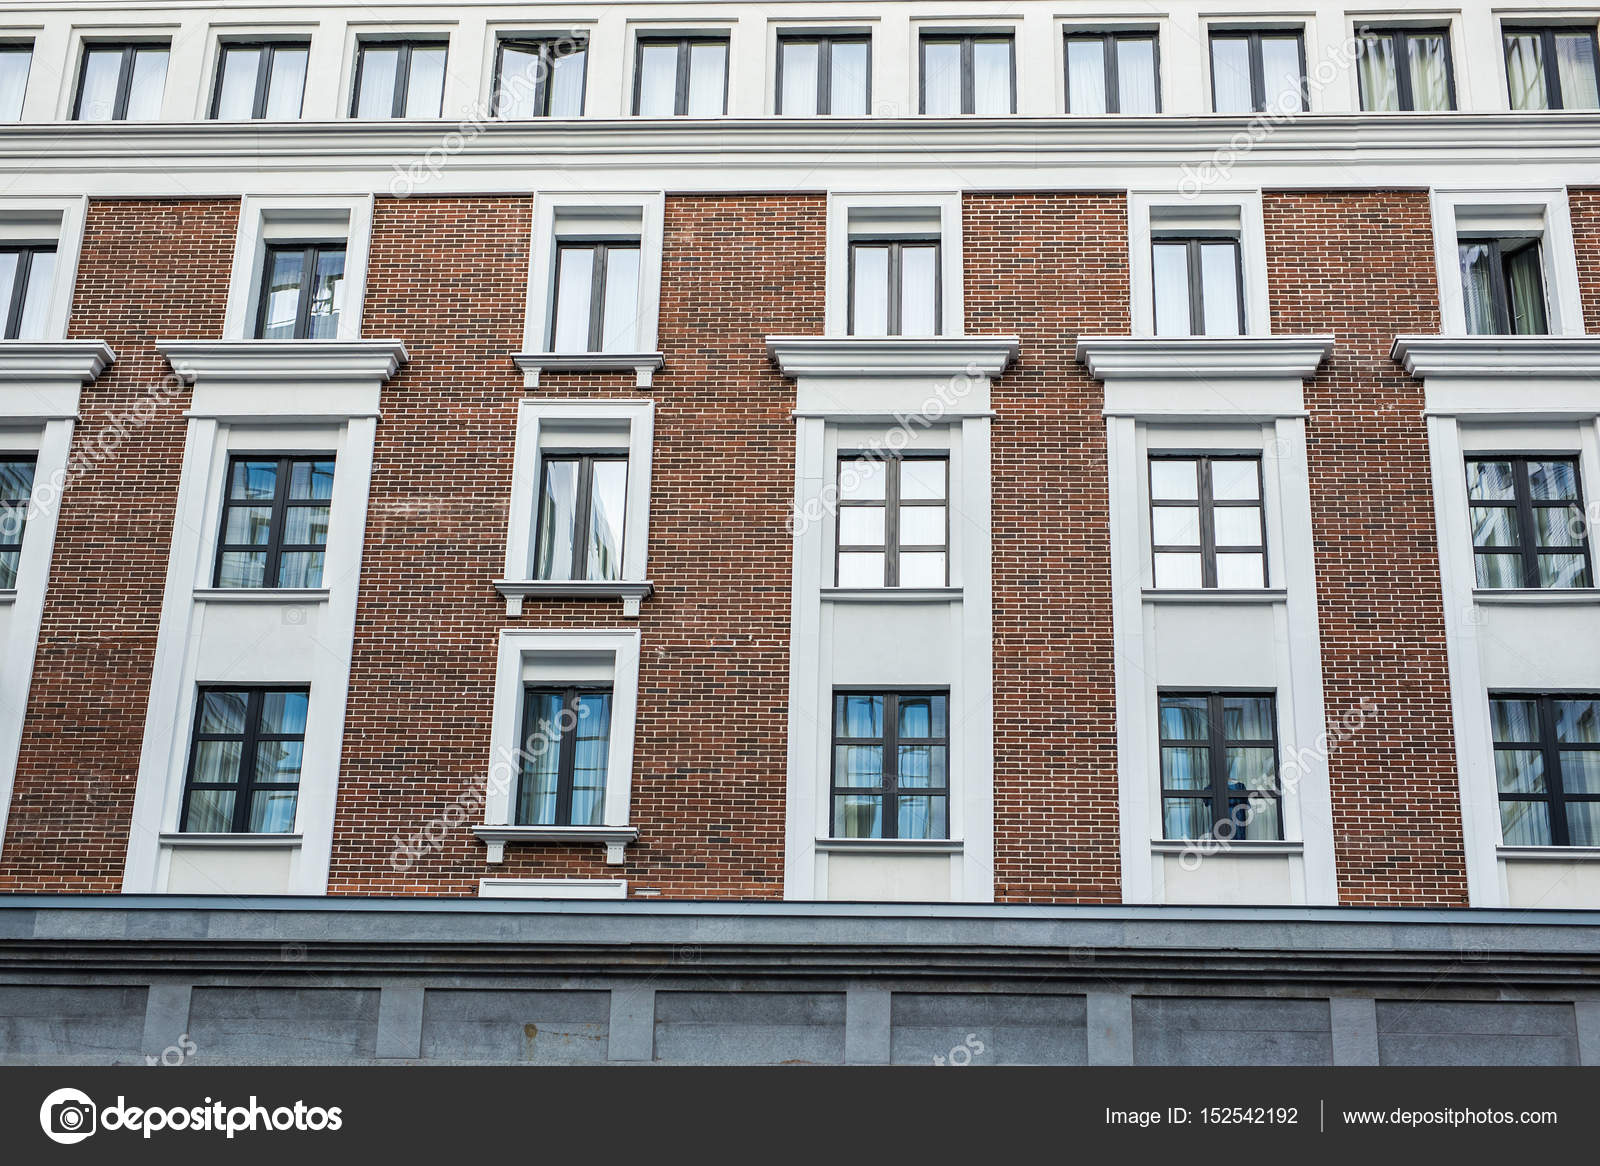 De gevel van het huis of hotel. de ramen en decoratie van wanden